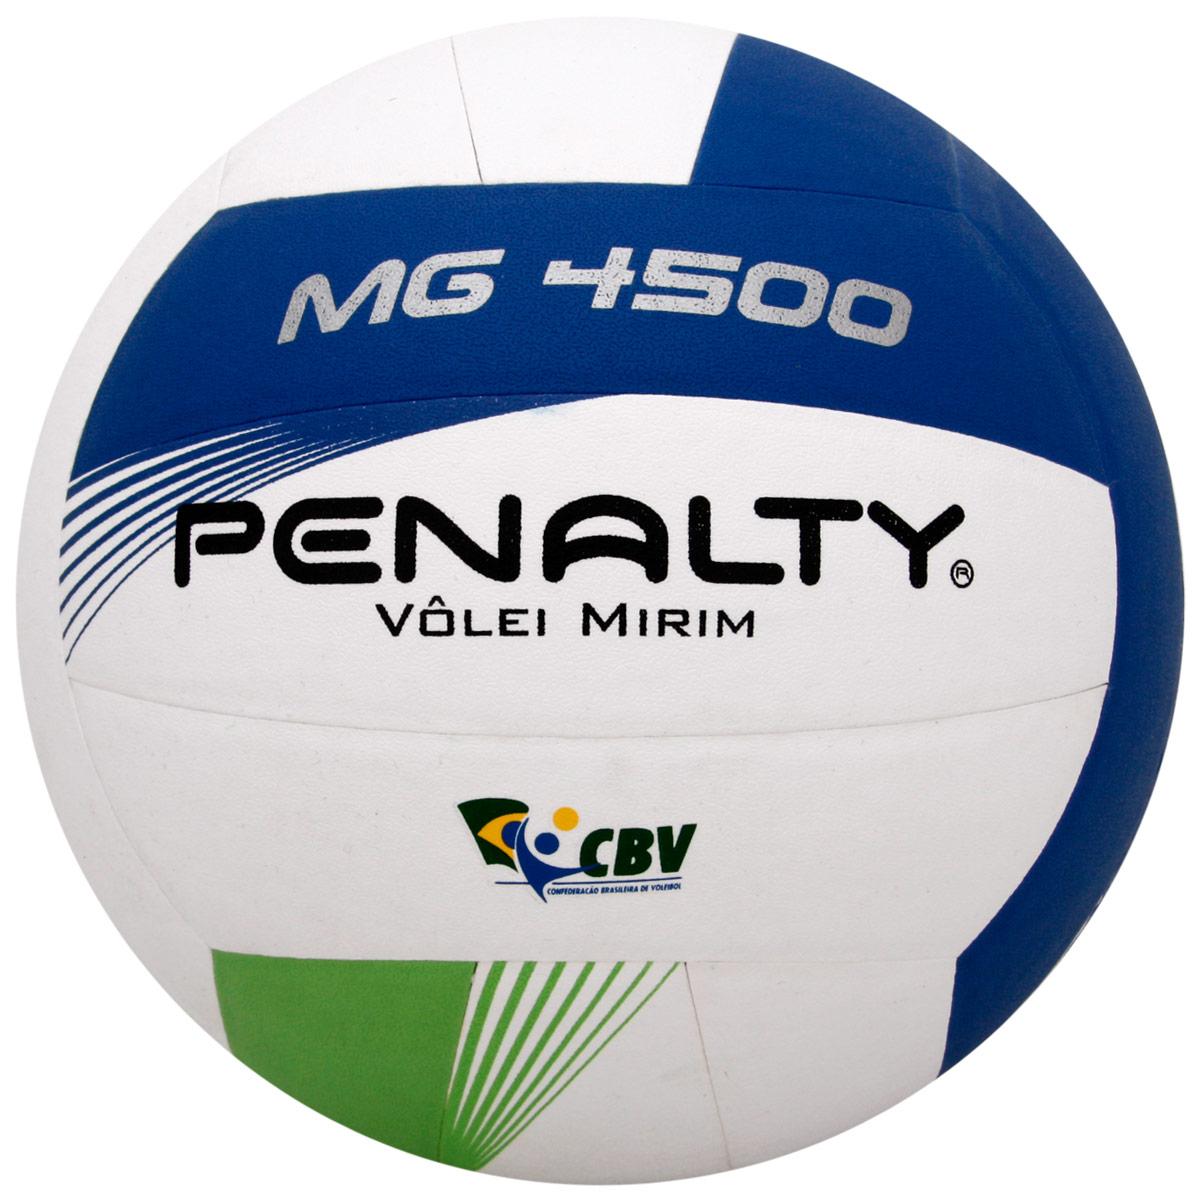 Bola de Volêi Penalty MG 4500 Infantil